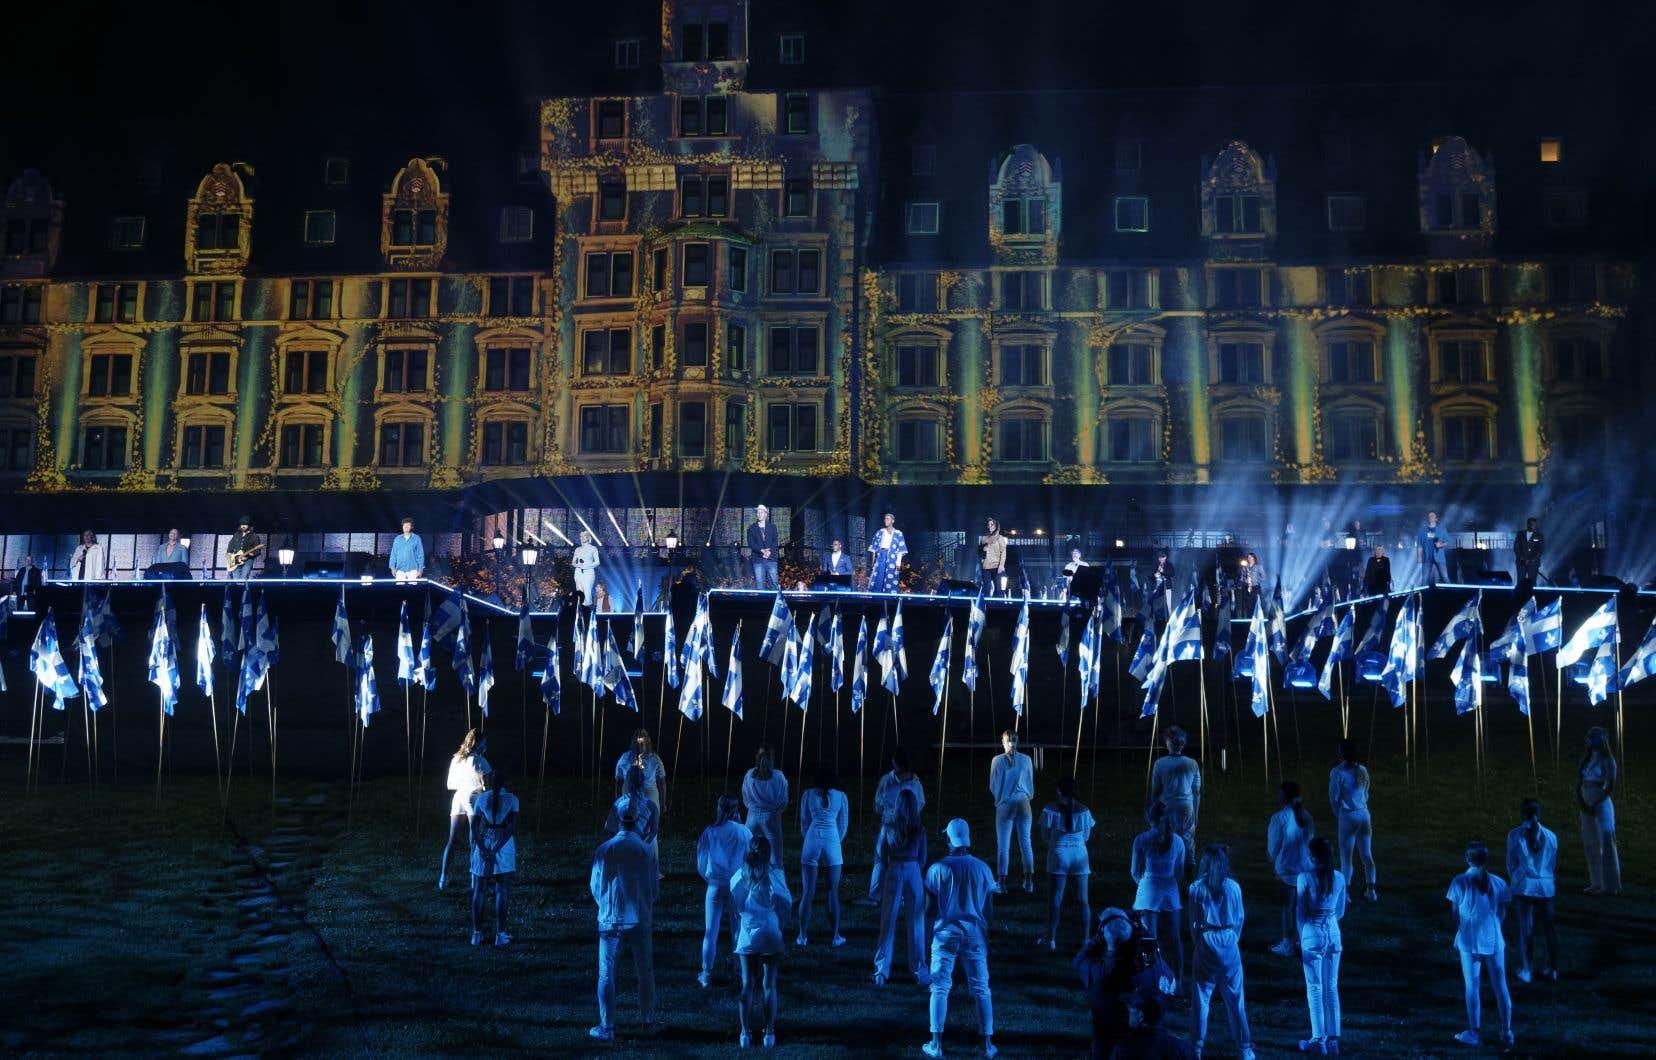 Enregistré le 22juin dernier au Manoir Richelieu de La Malbaie, dans la région de Charlevoix, le grand spectacle de la Saint-Jean a réuni près de 200 artistes.